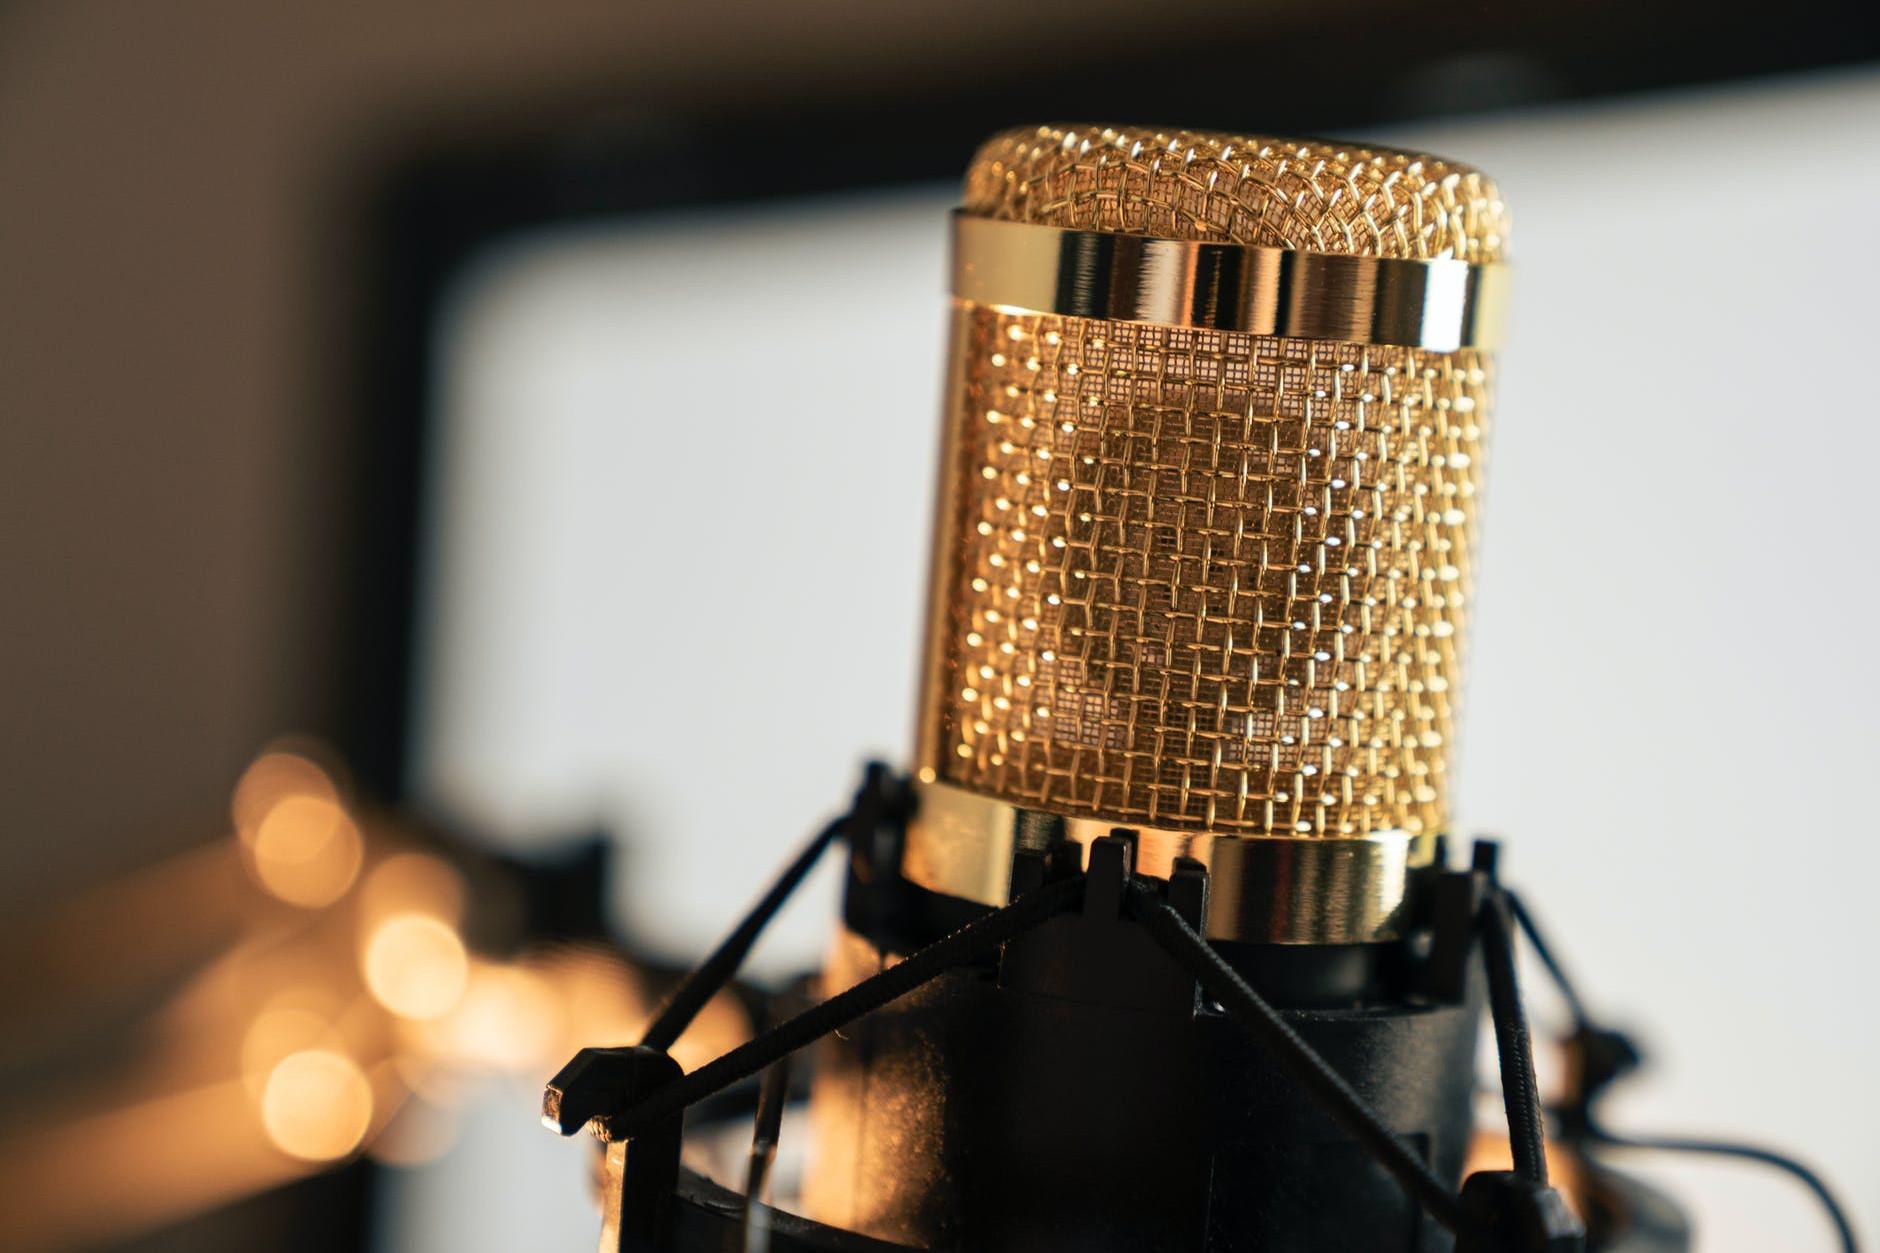 Micrófono de mano dorado sobre un pie de base negro utilizado de cabecera por Sandar Santa Cruz para ofrecer que escuchen en primicia ¡¡Yuju Don Canino!! una de las canciones que se han creado paar el Musical